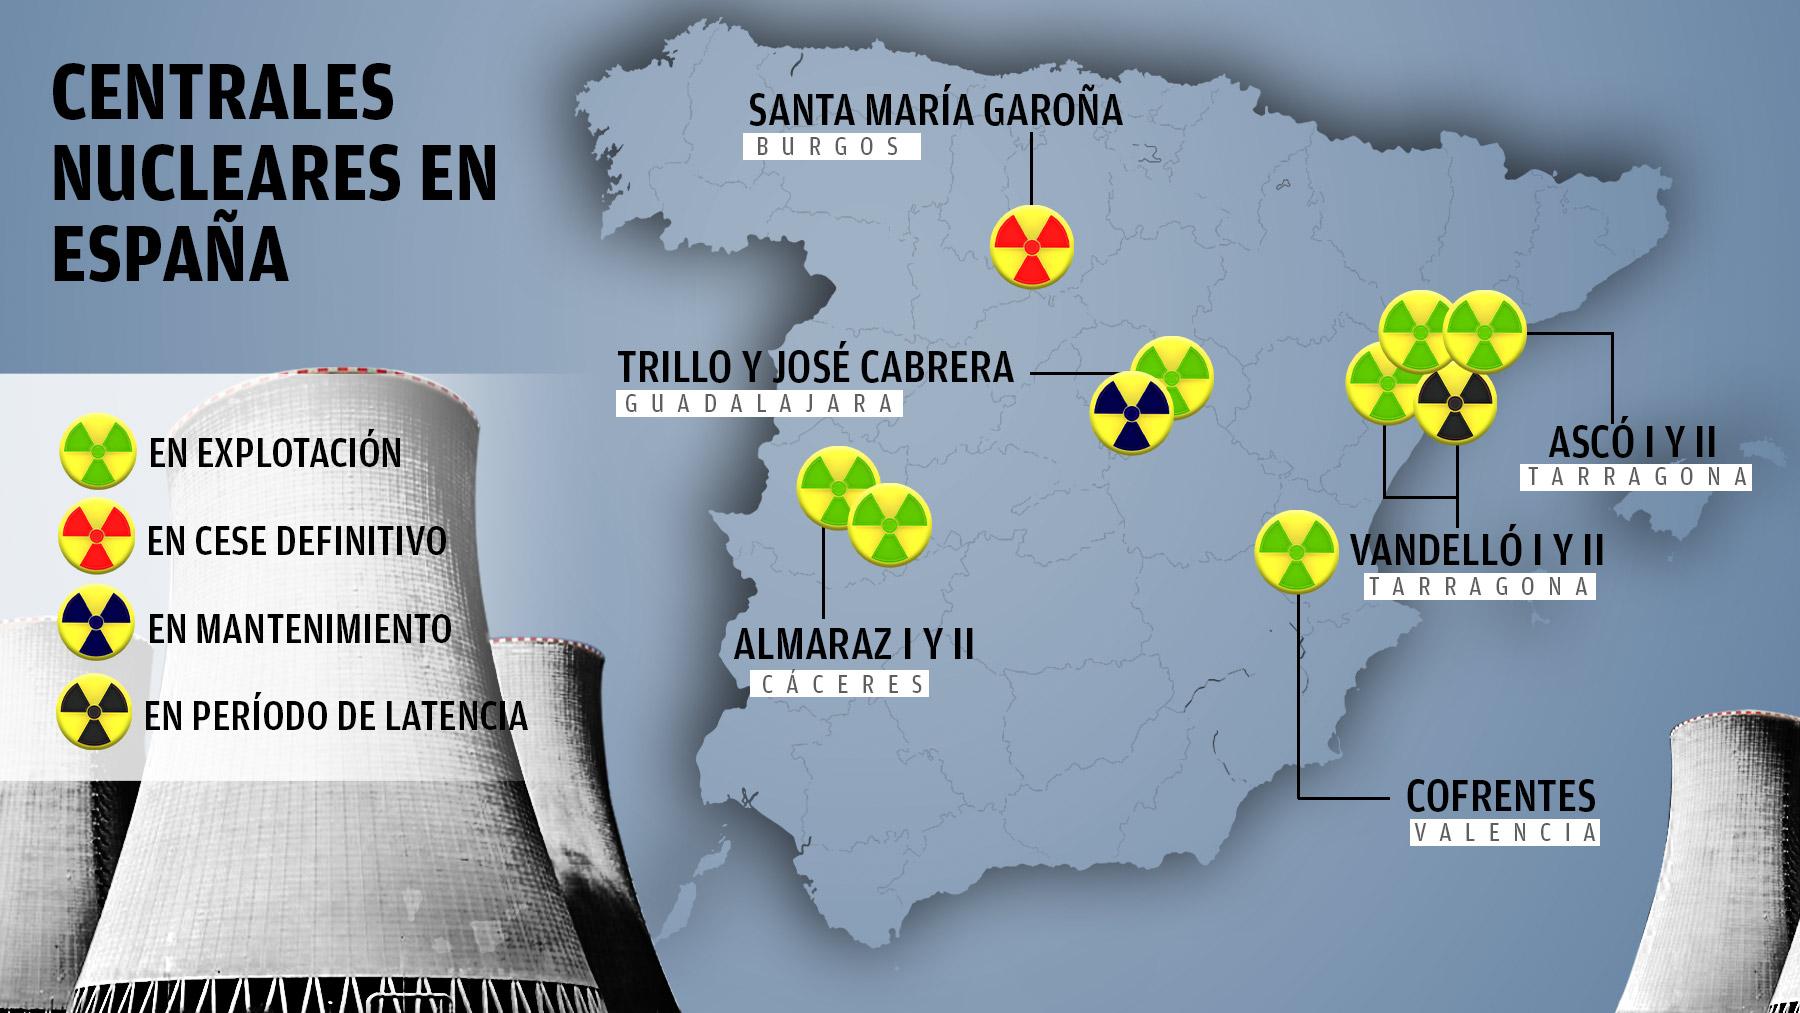 Centrales nucleares en España.